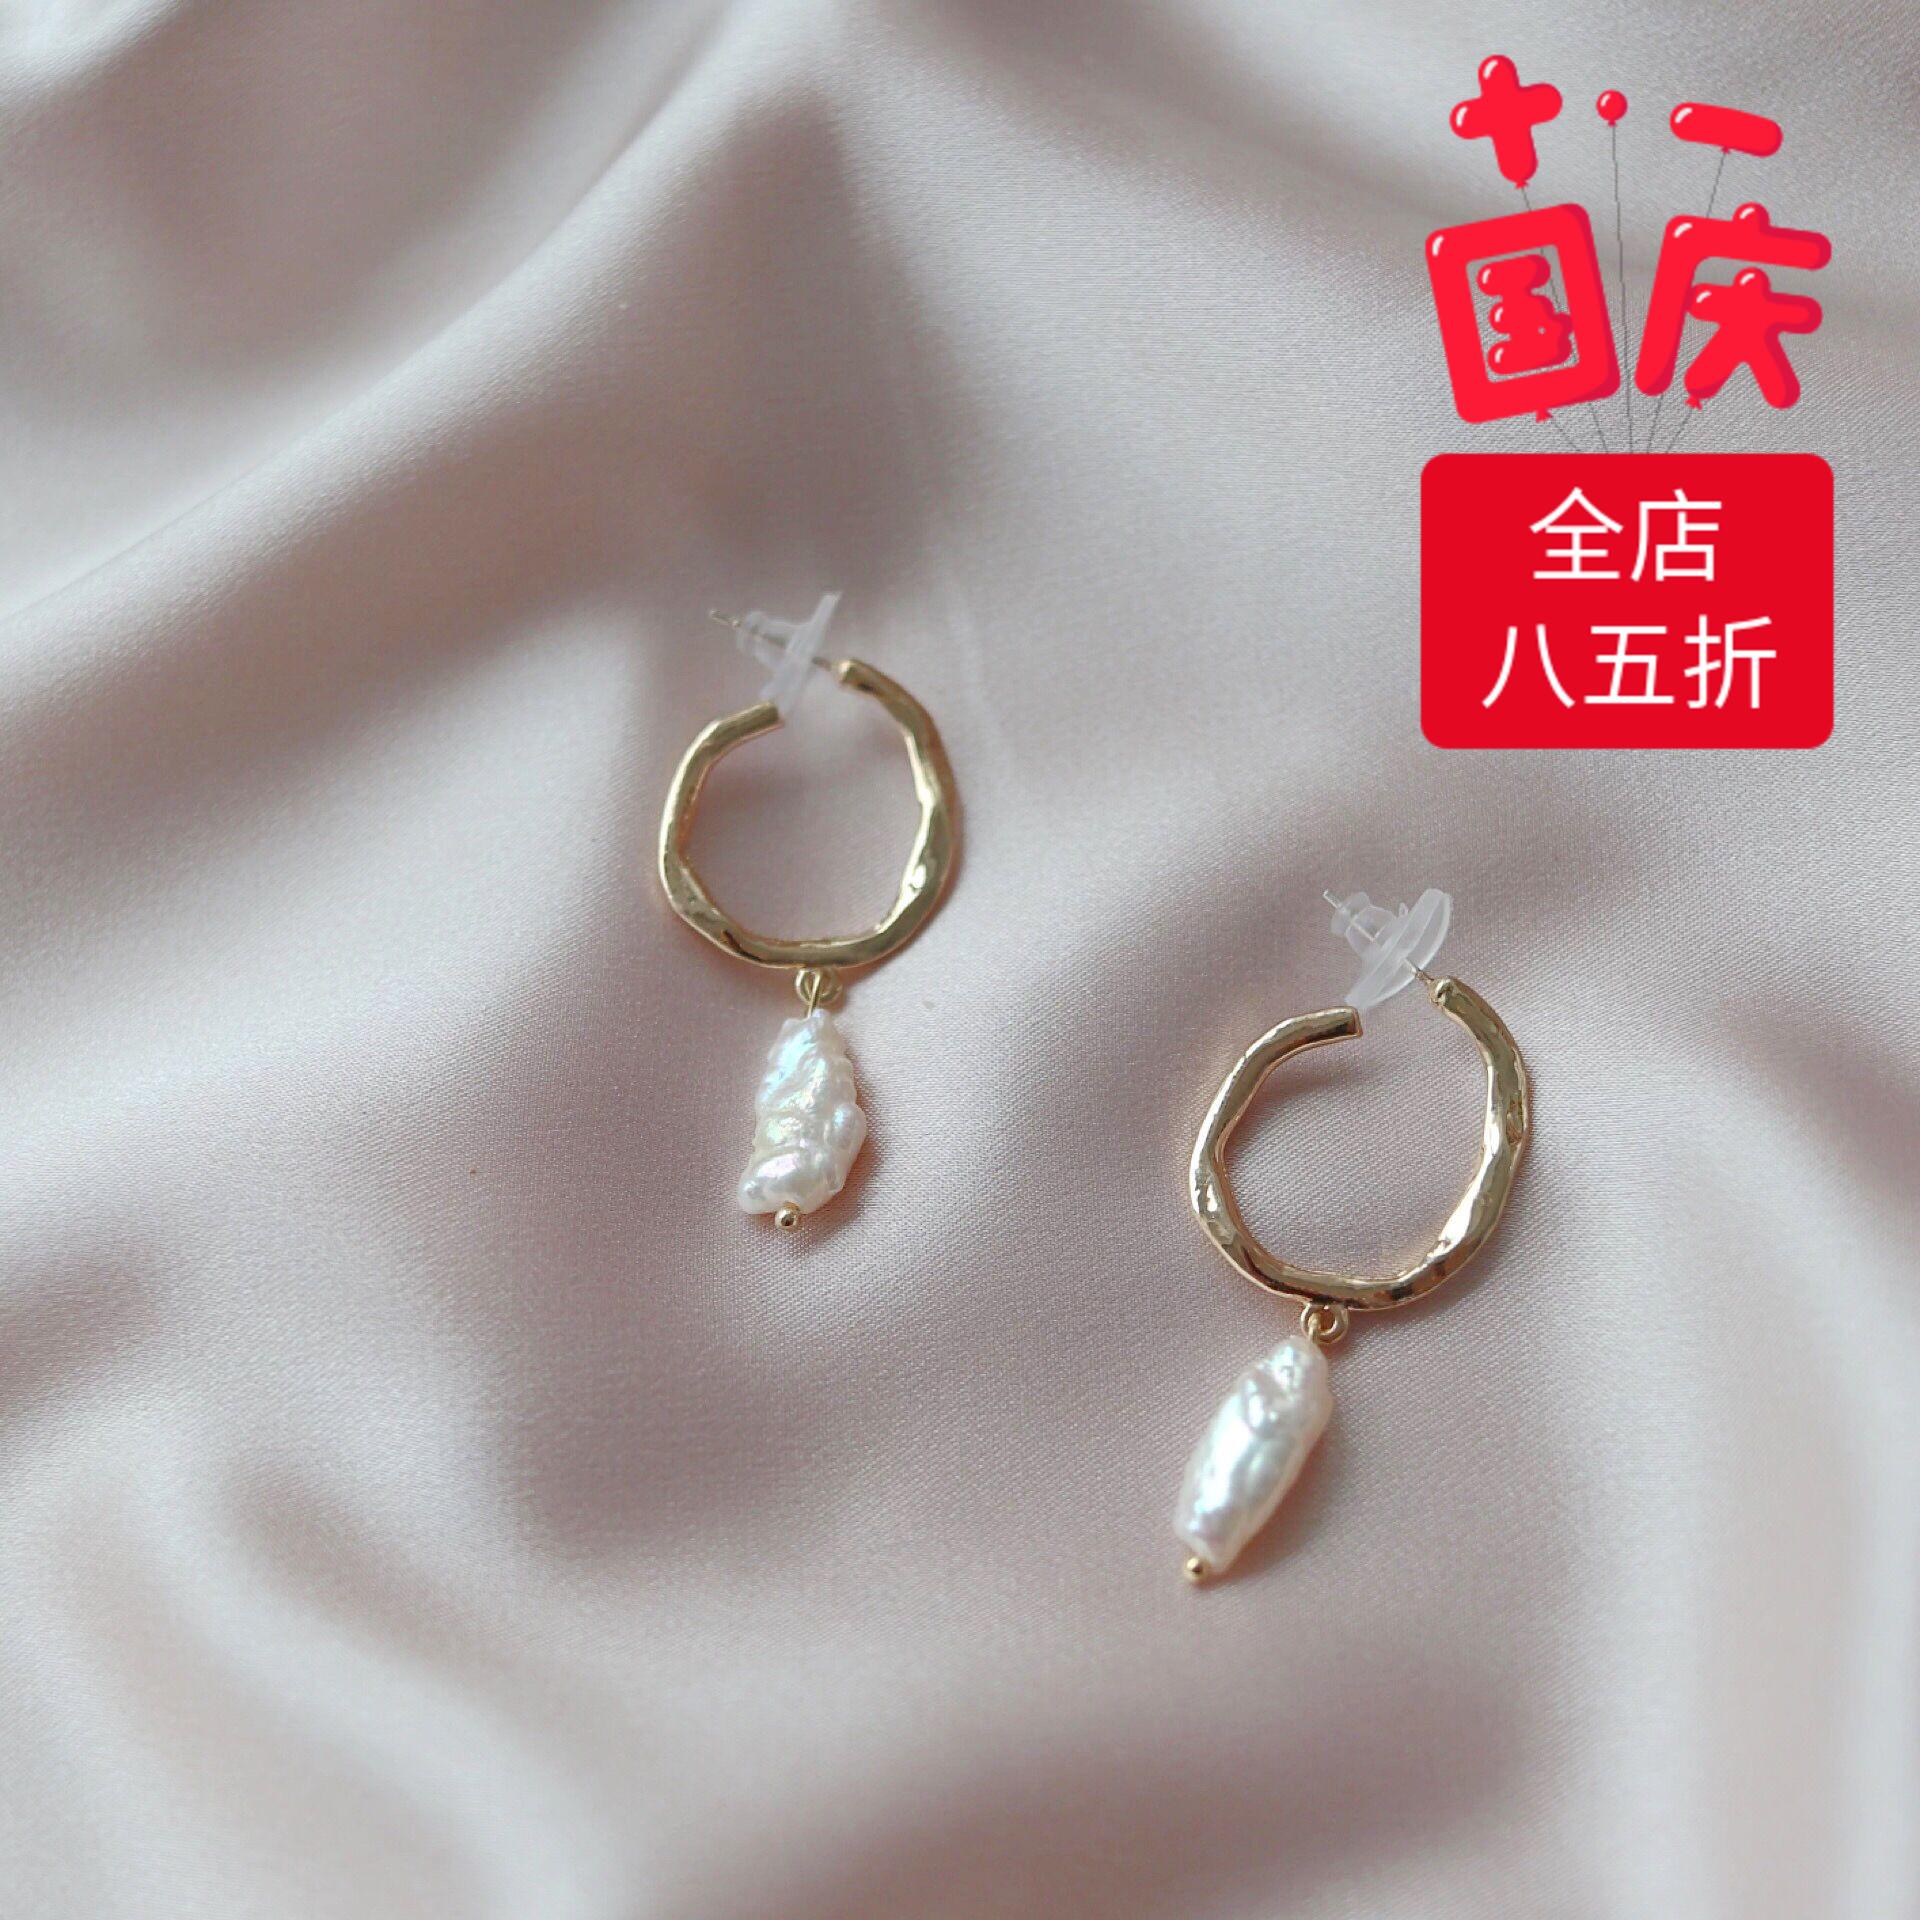 天使化身。纯银天然异形淡水珍珠chic大气复古耳钉女韩国休眠火山热销64件正品保证